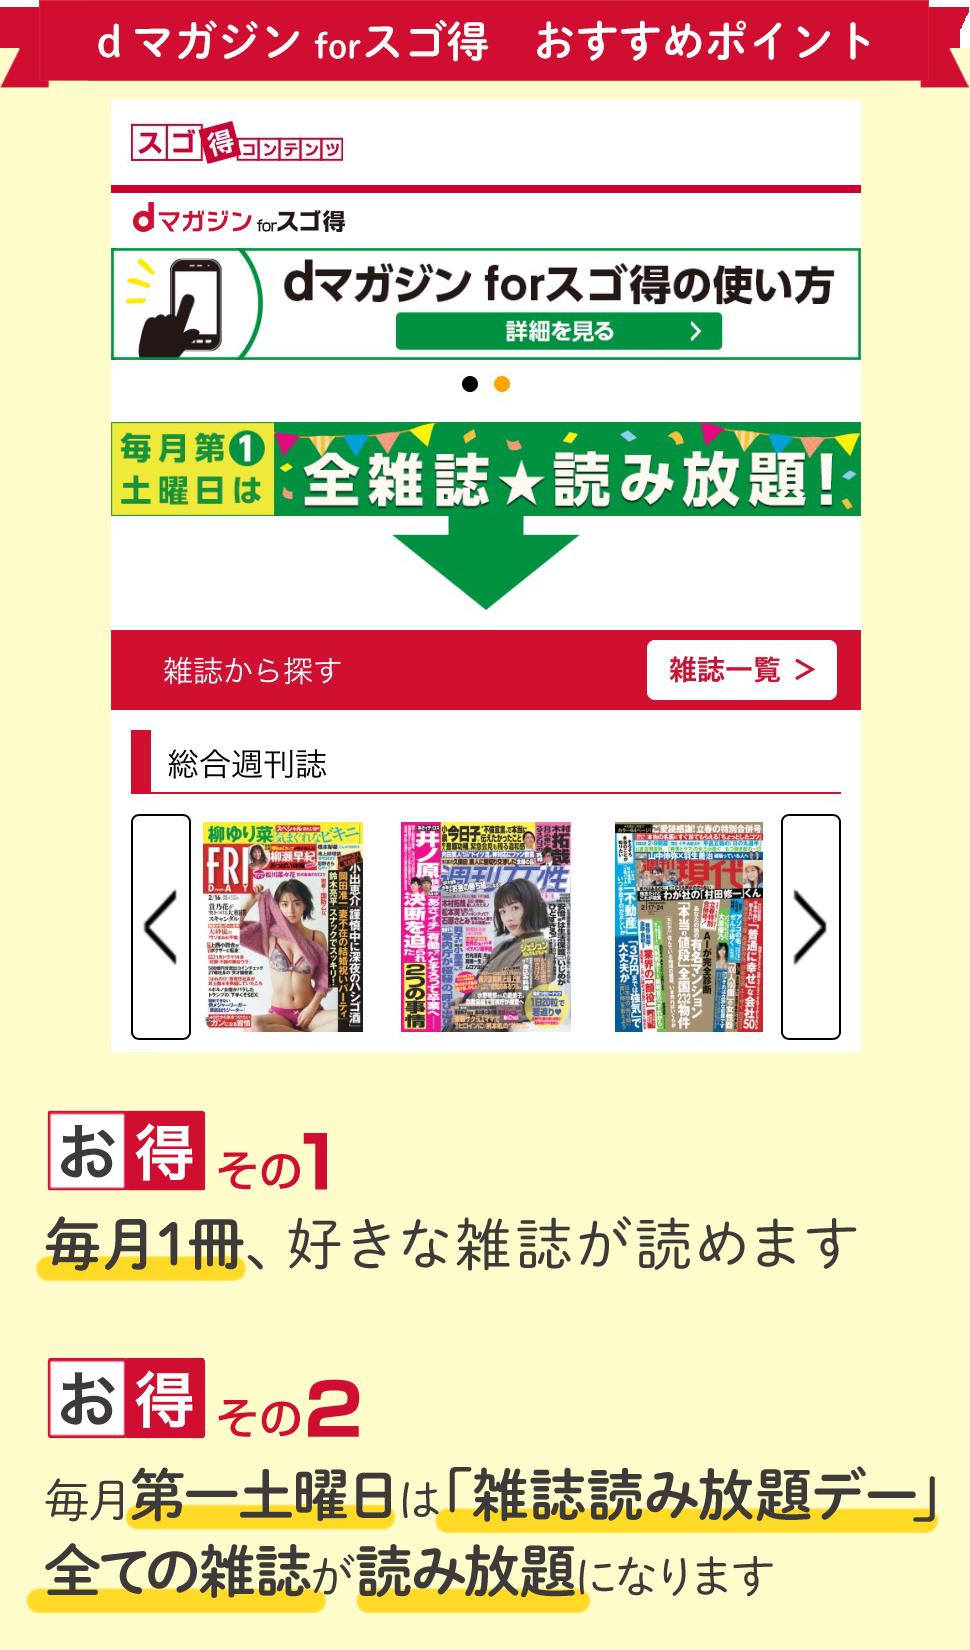 dマガジン for スゴ得 おすすめポイント <お得 その1>毎月1冊、好きな雑誌が読めます <お得 その2>毎月第一土曜日は「雑誌読み放題デー」。全ての雑誌が読み放題になります